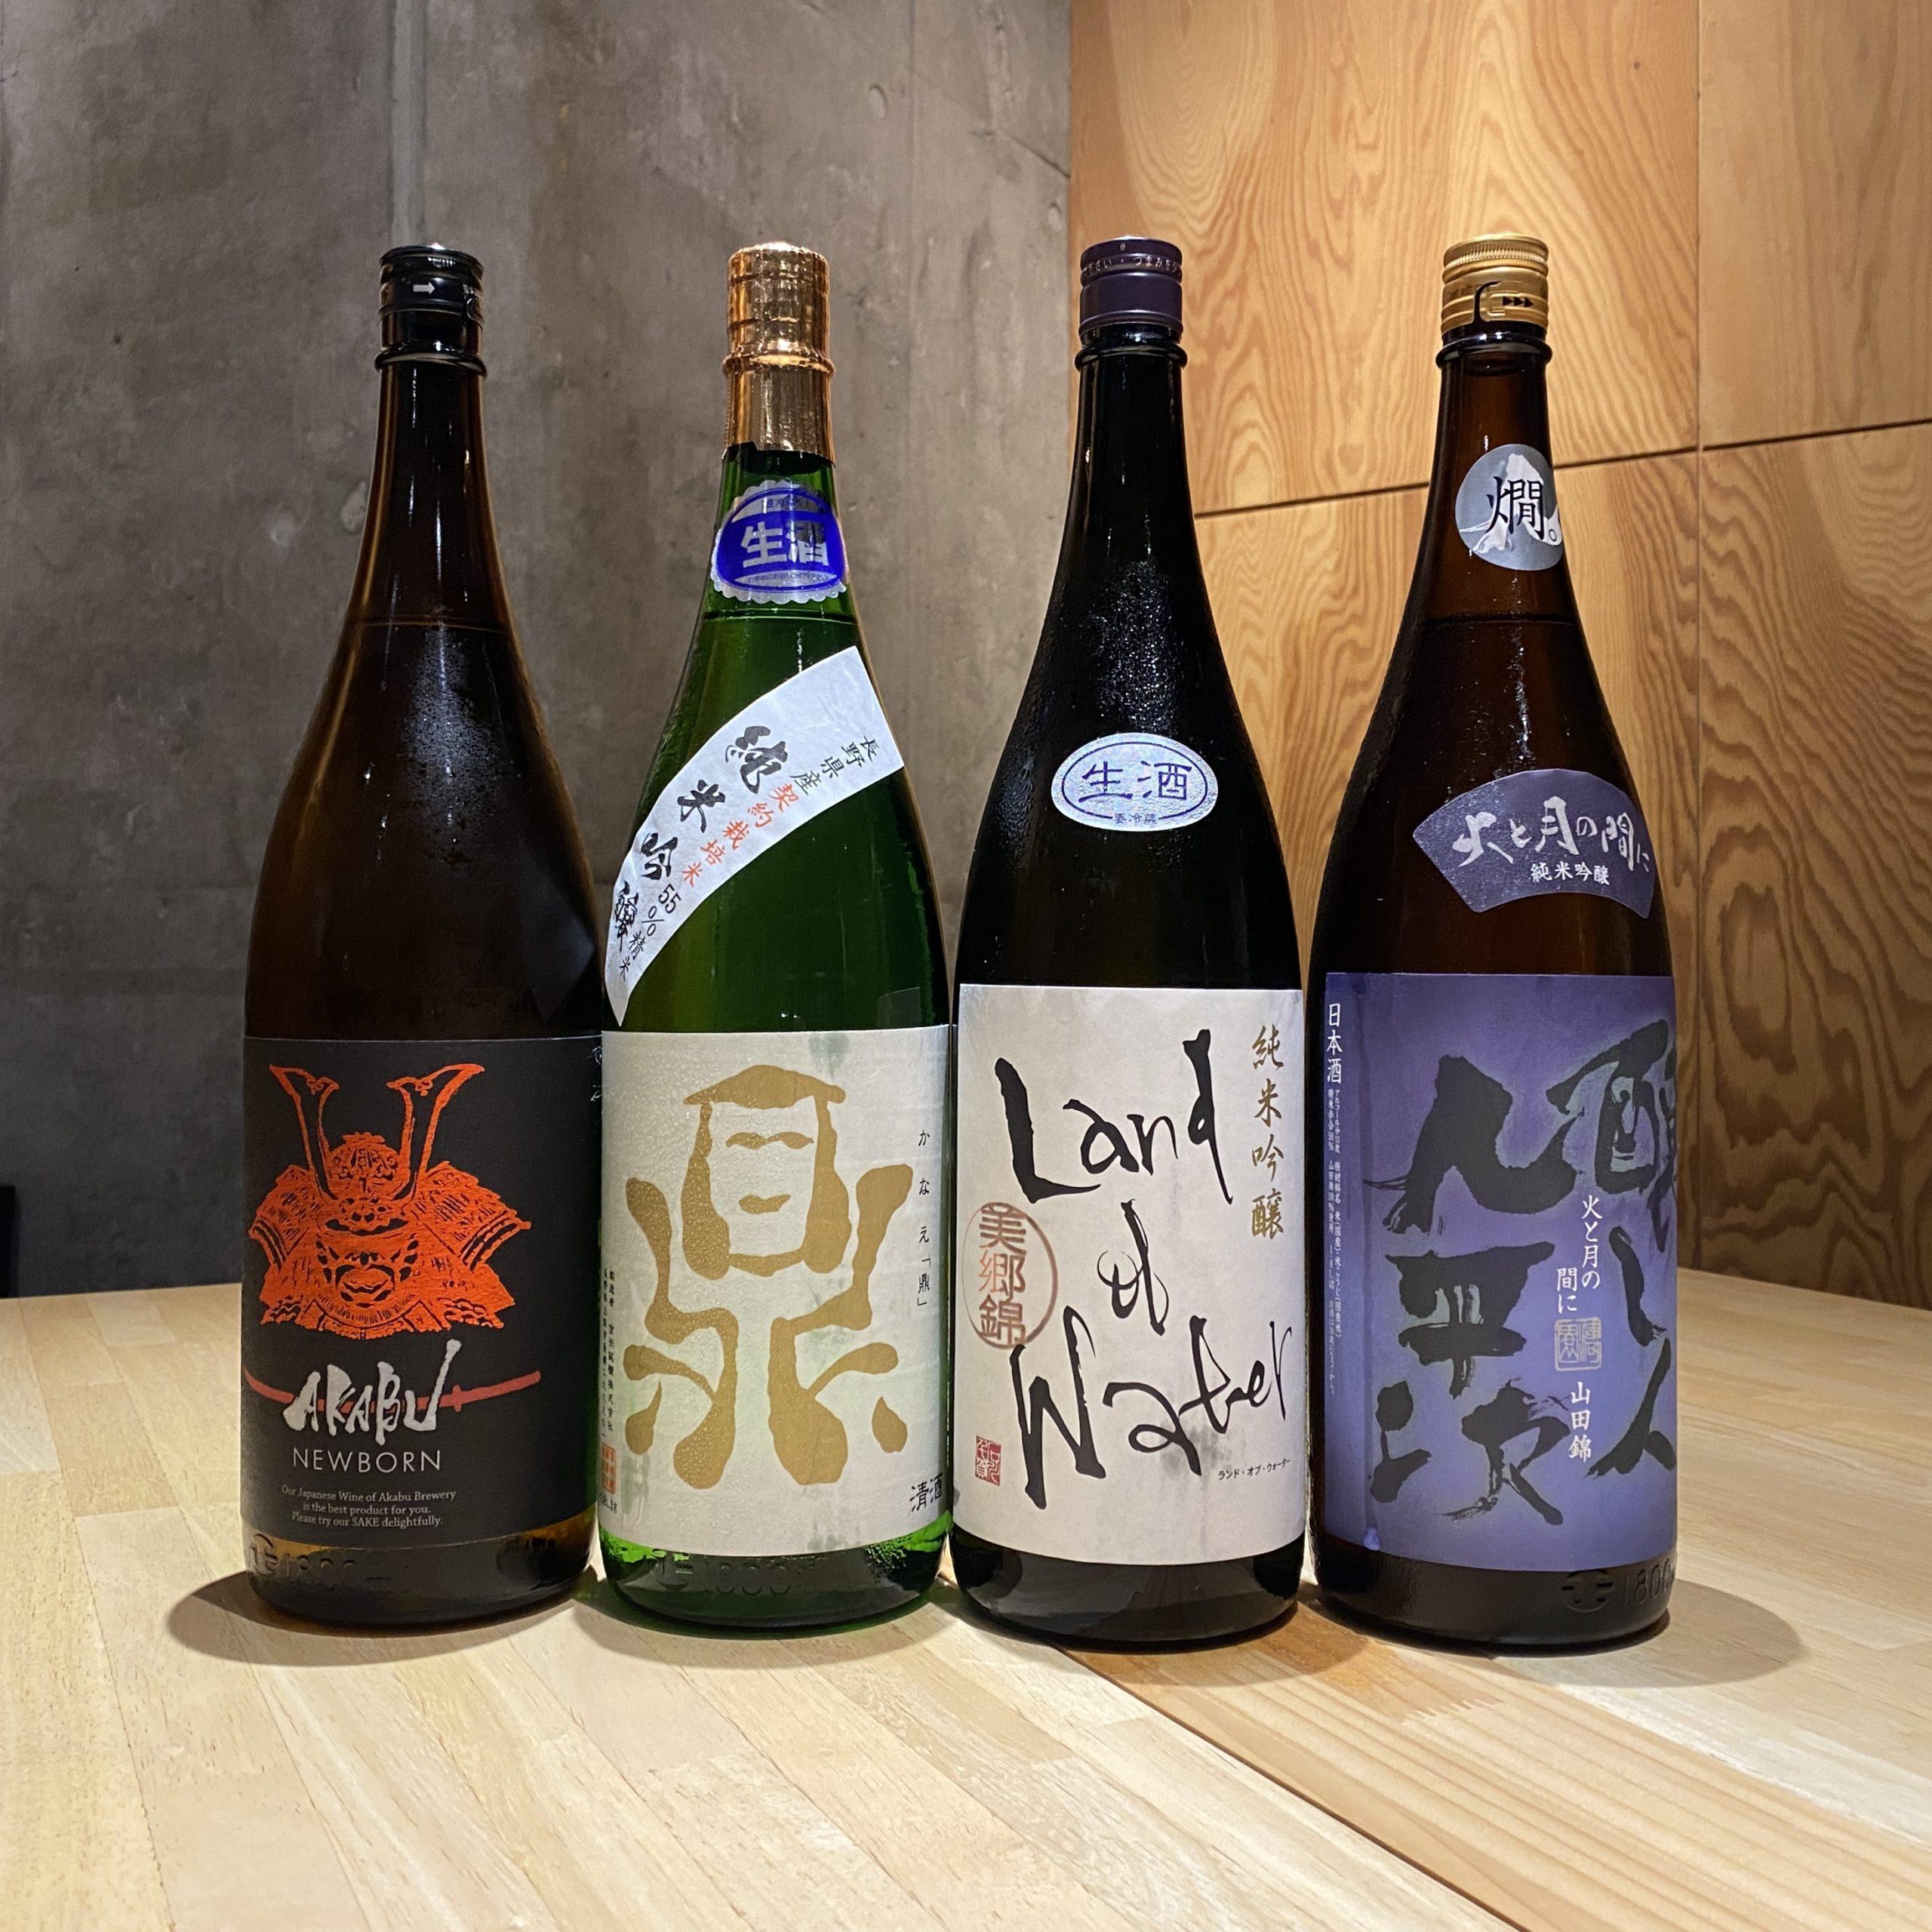 10月23日(金)の新着酒